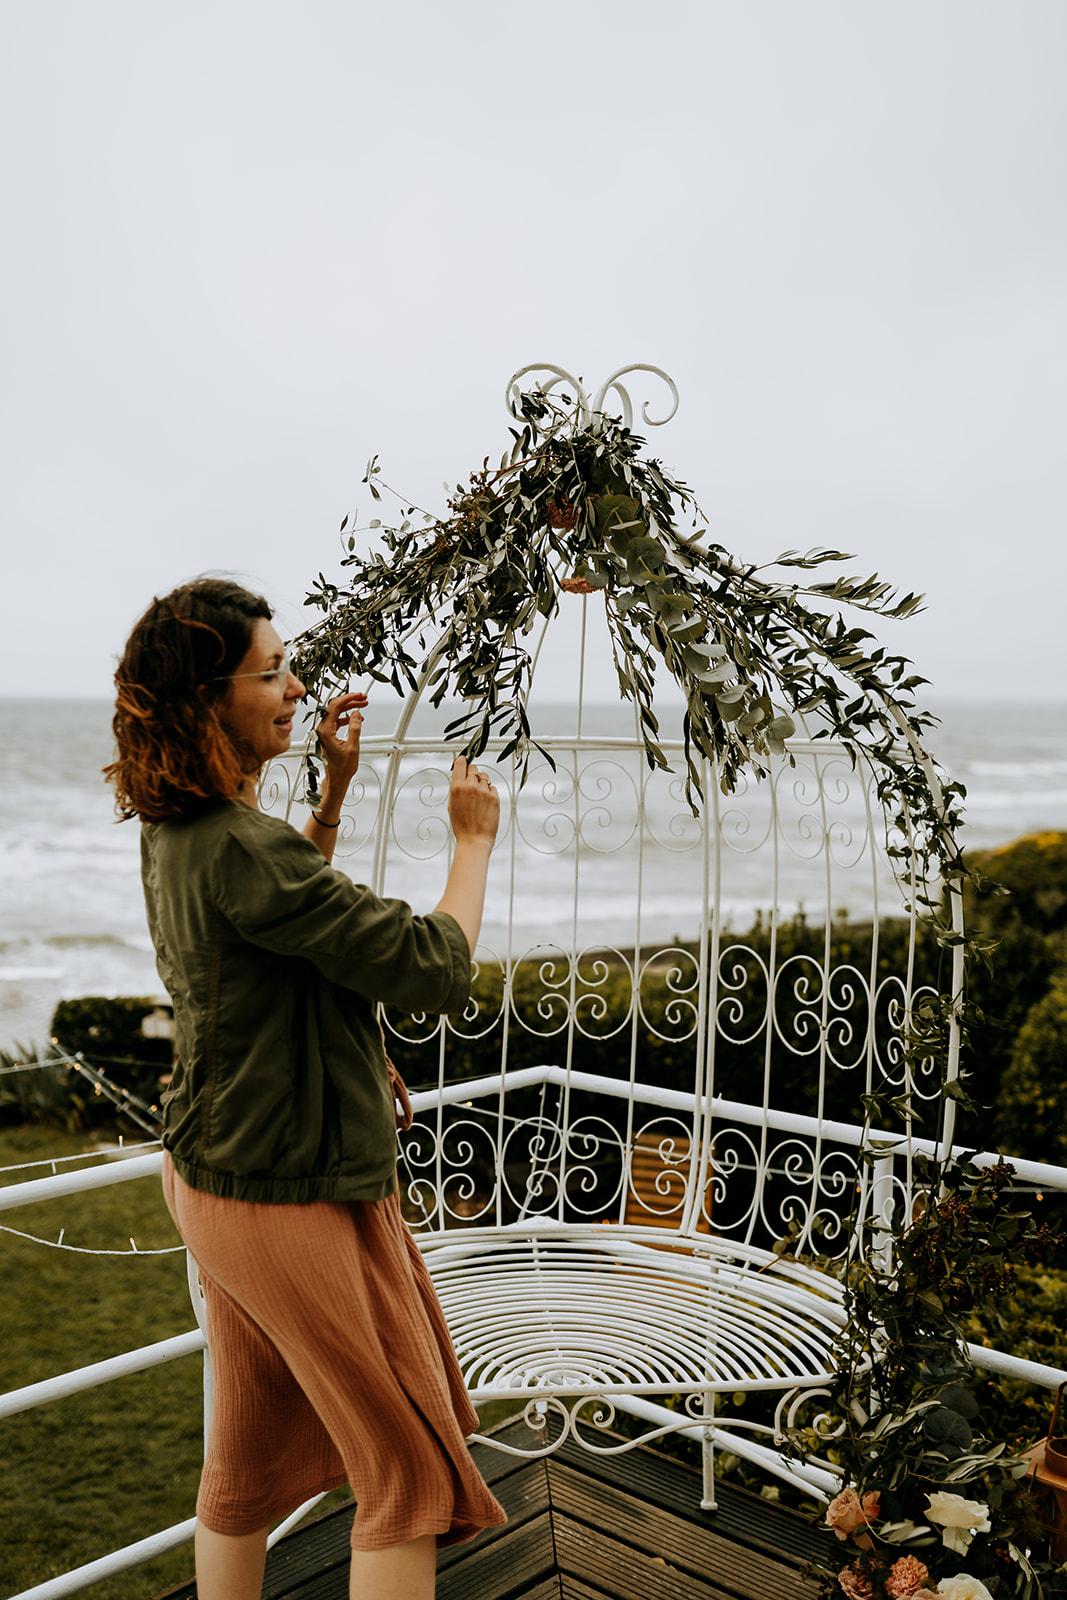 décoratrice mariage Sieges de ceremonie location nantes pays de la loire